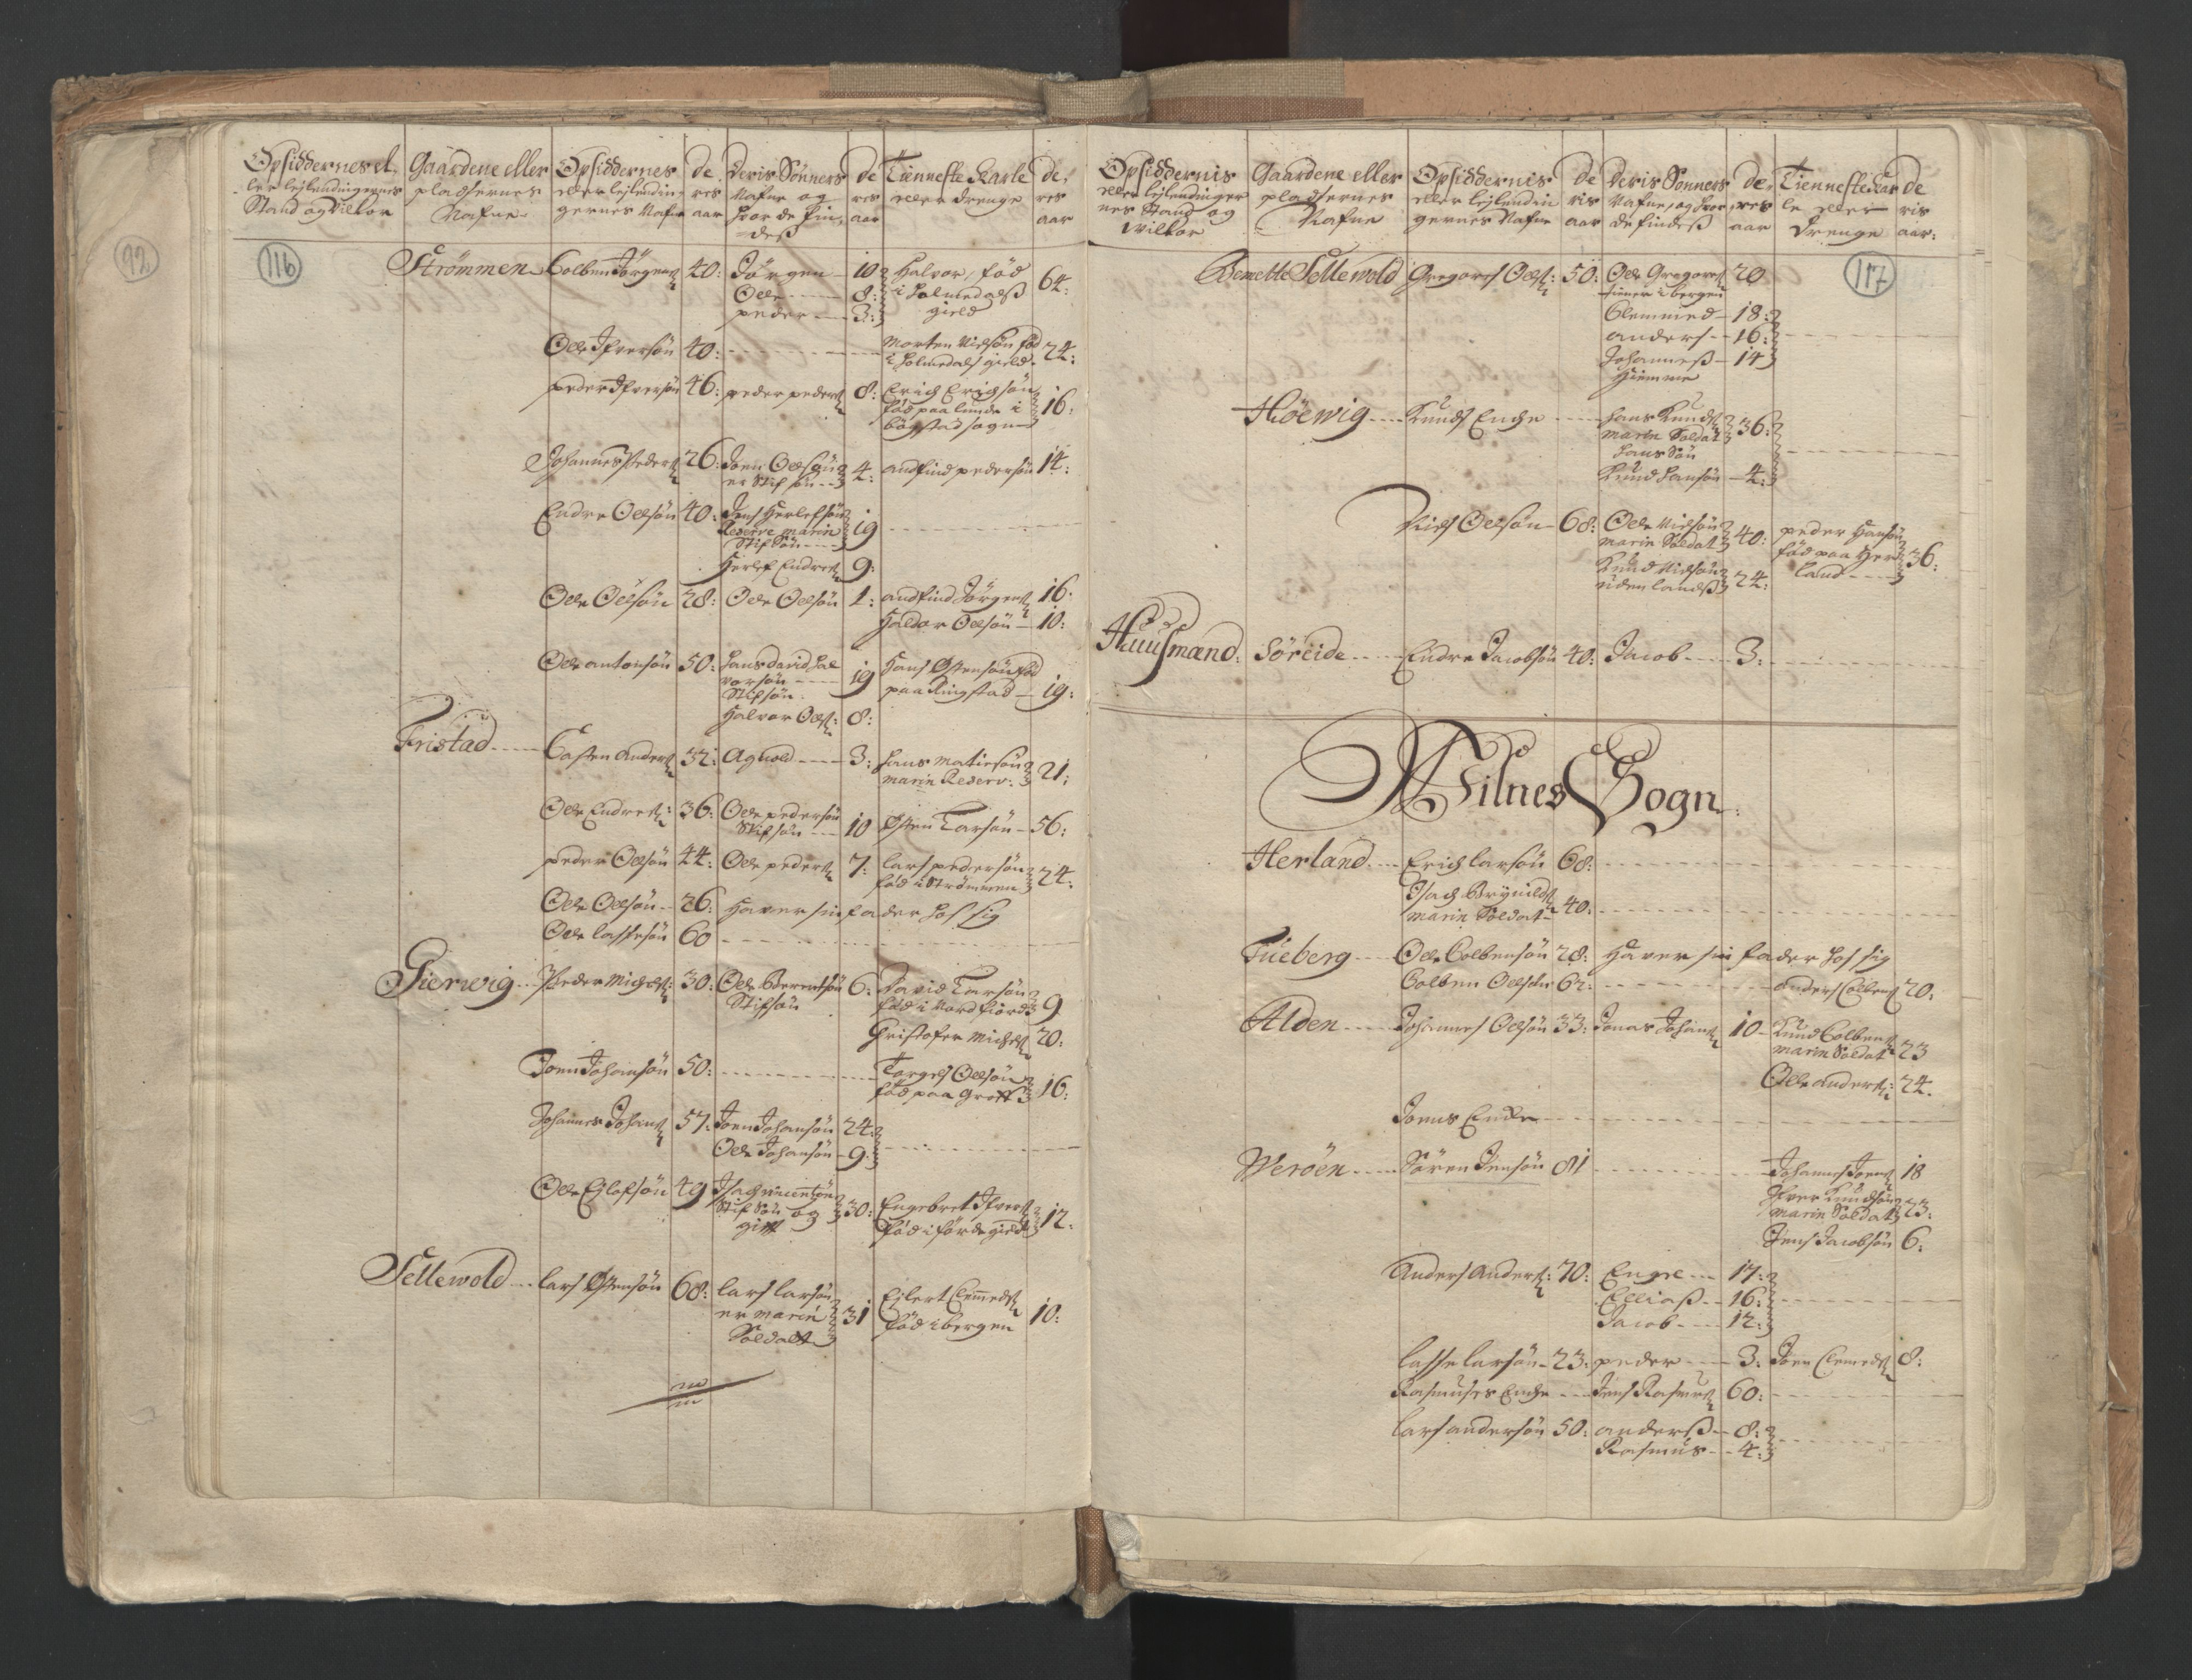 RA, Manntallet 1701, nr. 9: Sunnfjord fogderi, Nordfjord fogderi og Svanø birk, 1701, s. 116-117